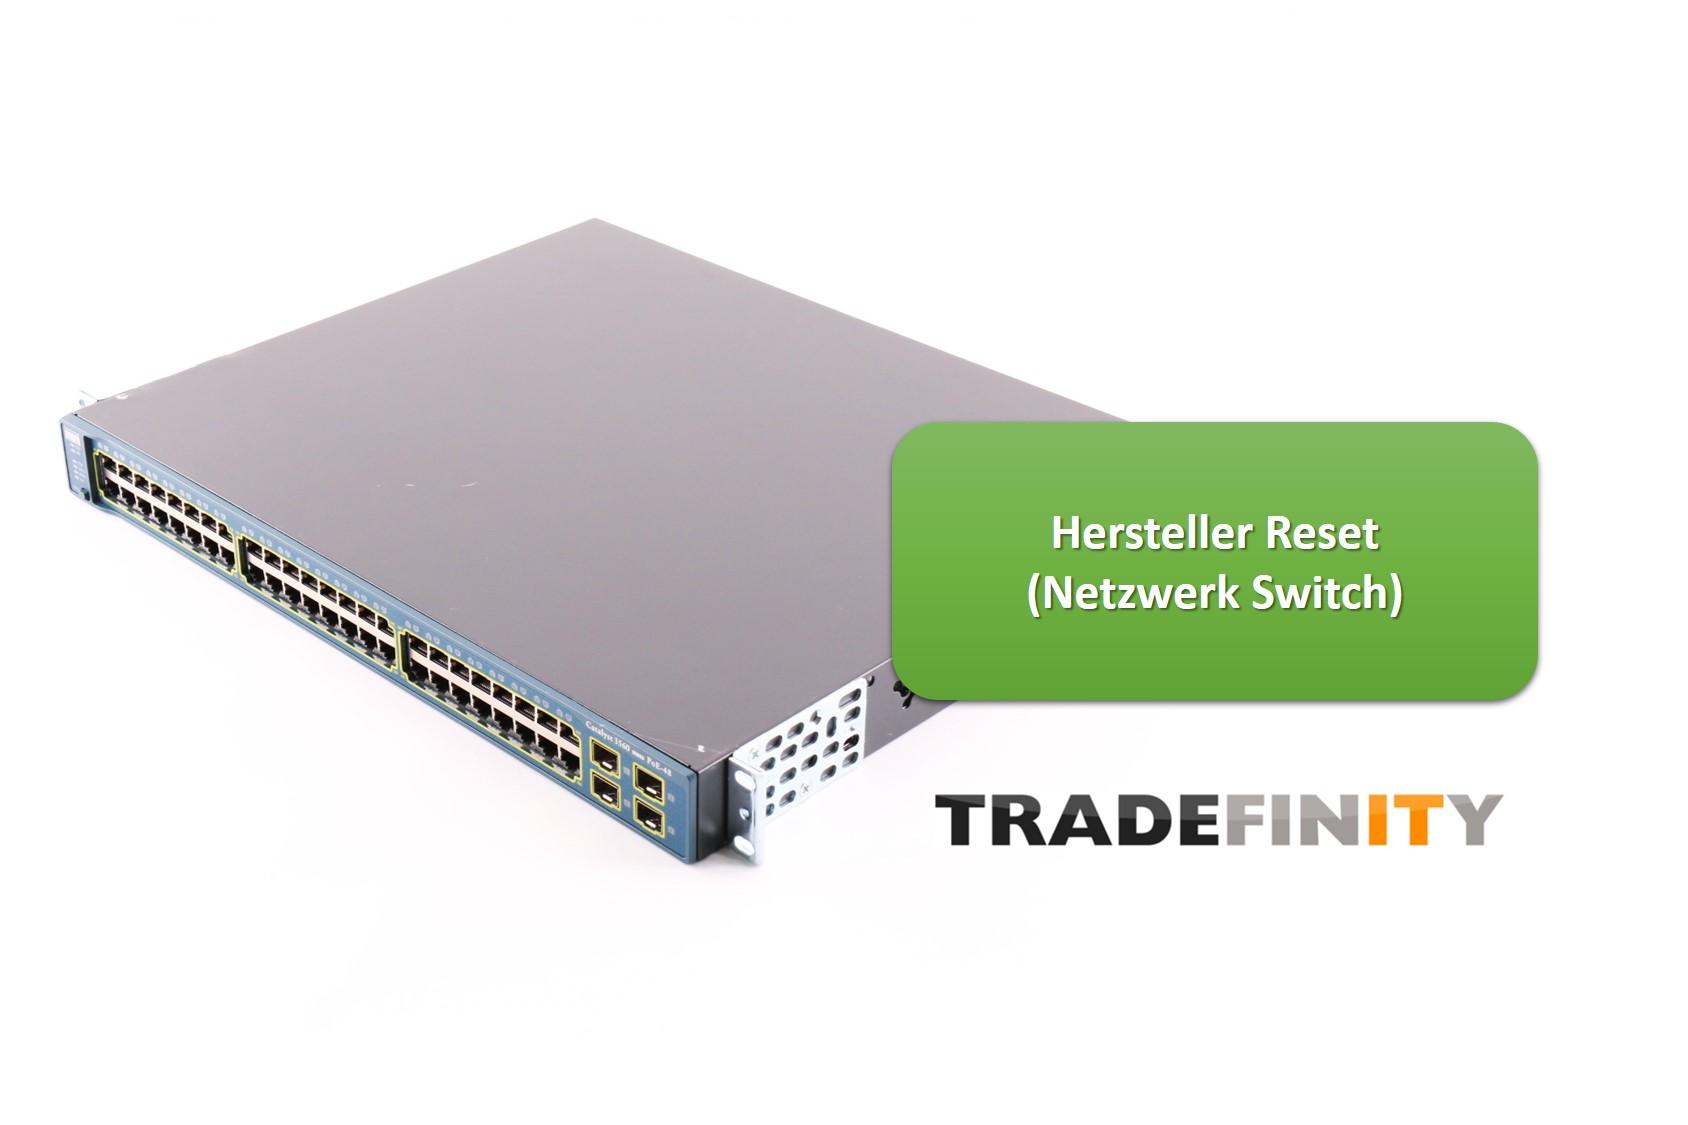 Hersteller Reset (Netzwerk Switch)